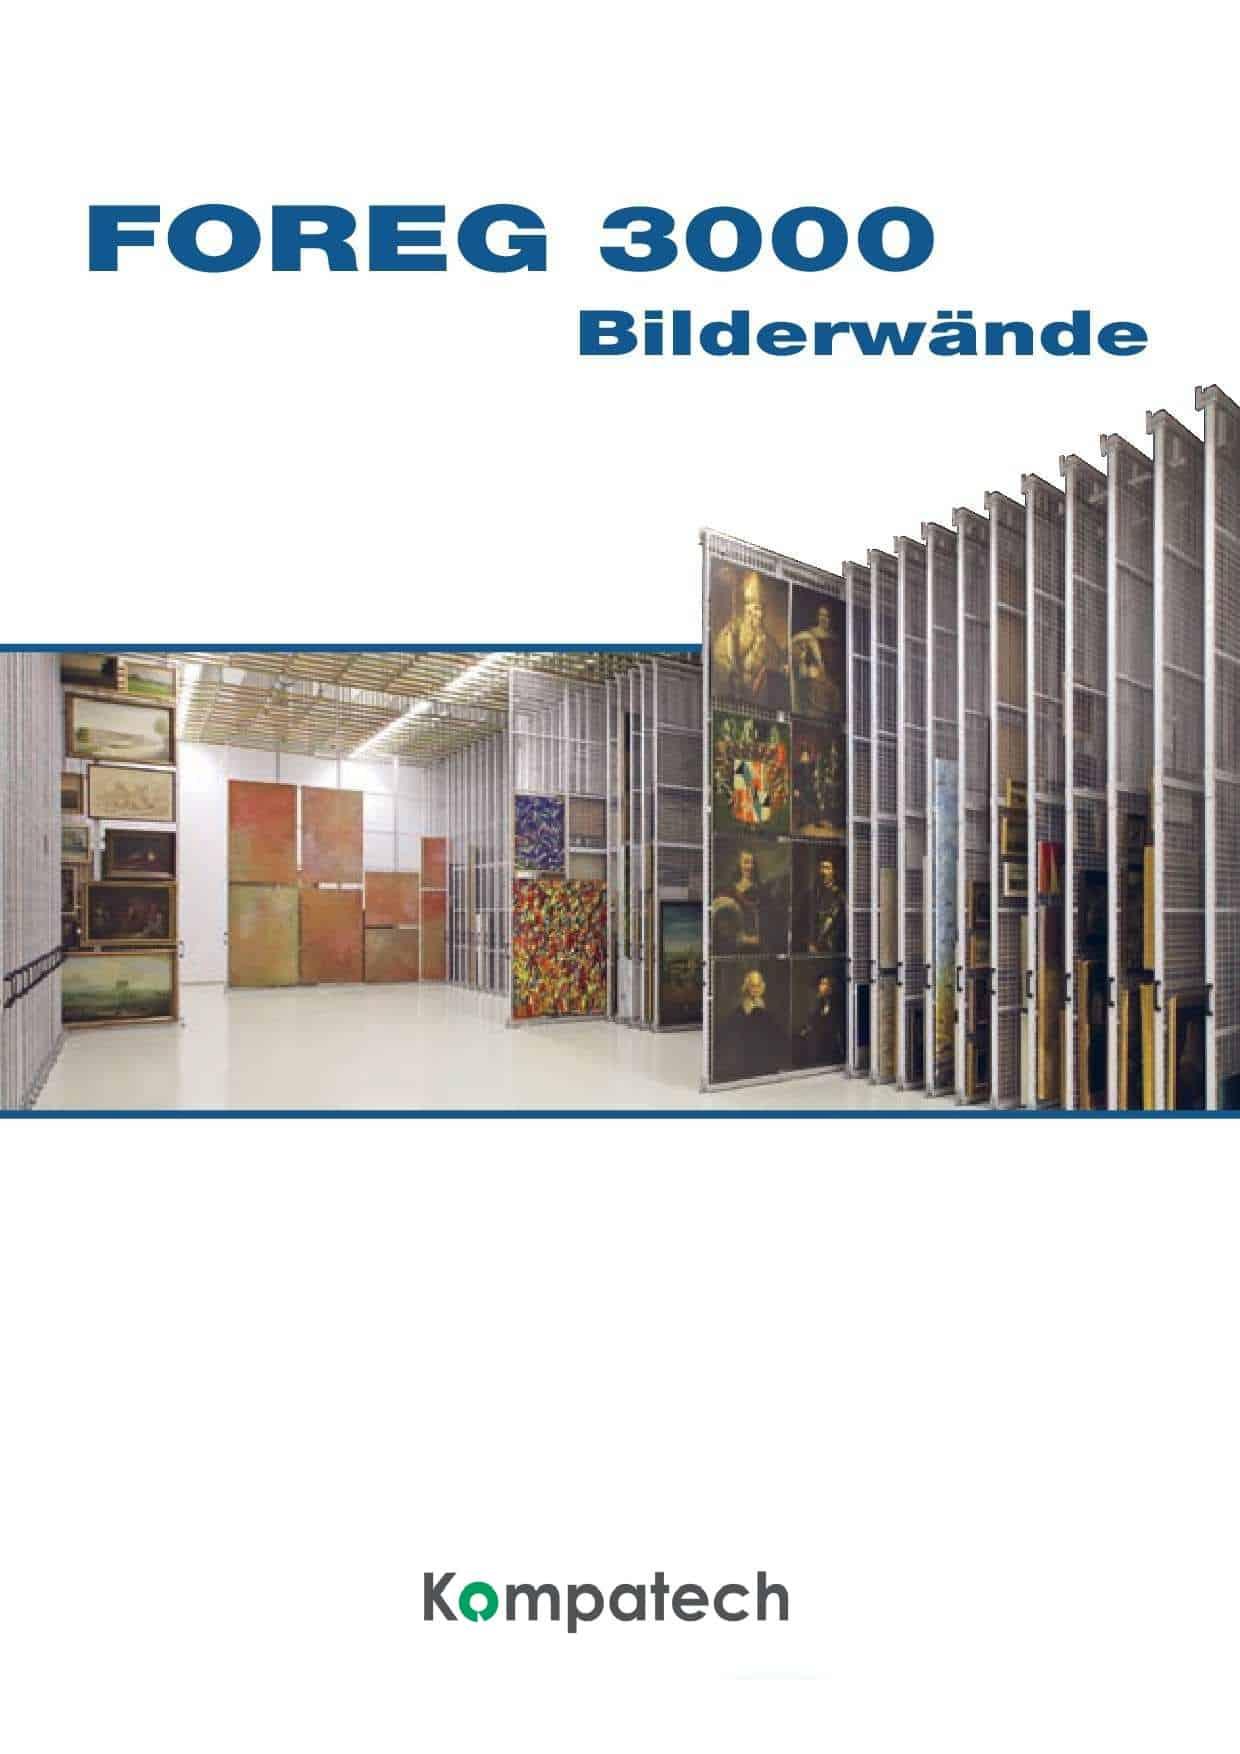 Archiv Rollregal Katalog Foreq 3000 Bilderwände